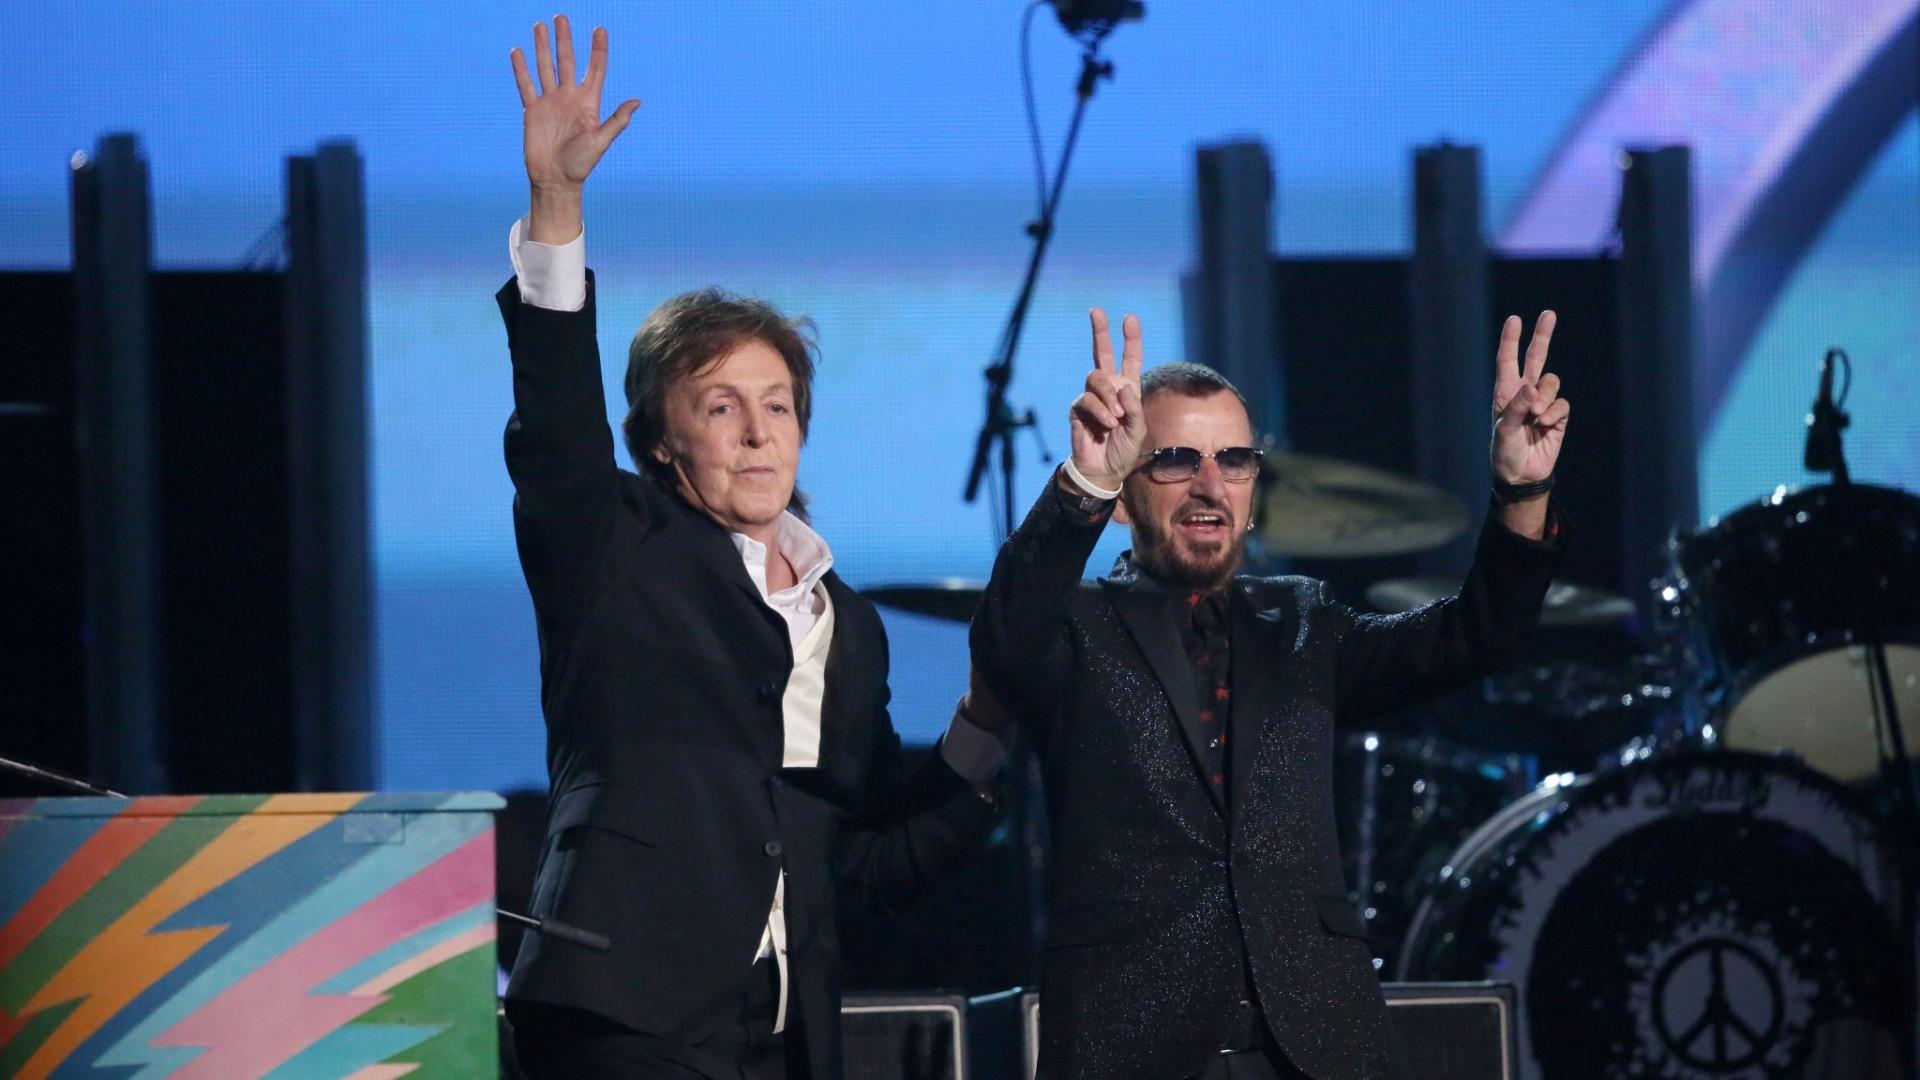 26.jan.2014 - Em histórico momento, Paul McCartney se apresentou junto a Ringo Starr durante a cerimônia de 2014 do Grammy. A última vez em que a dupla havia dividido o palco foi em 2009, durante evento beneficente para a Fundação David Lynch. Macca e Ringo, no entanto, não tocar nenhuma música dos Beatles. Paul sentou-se em seu piano colorido para apresentar a canção